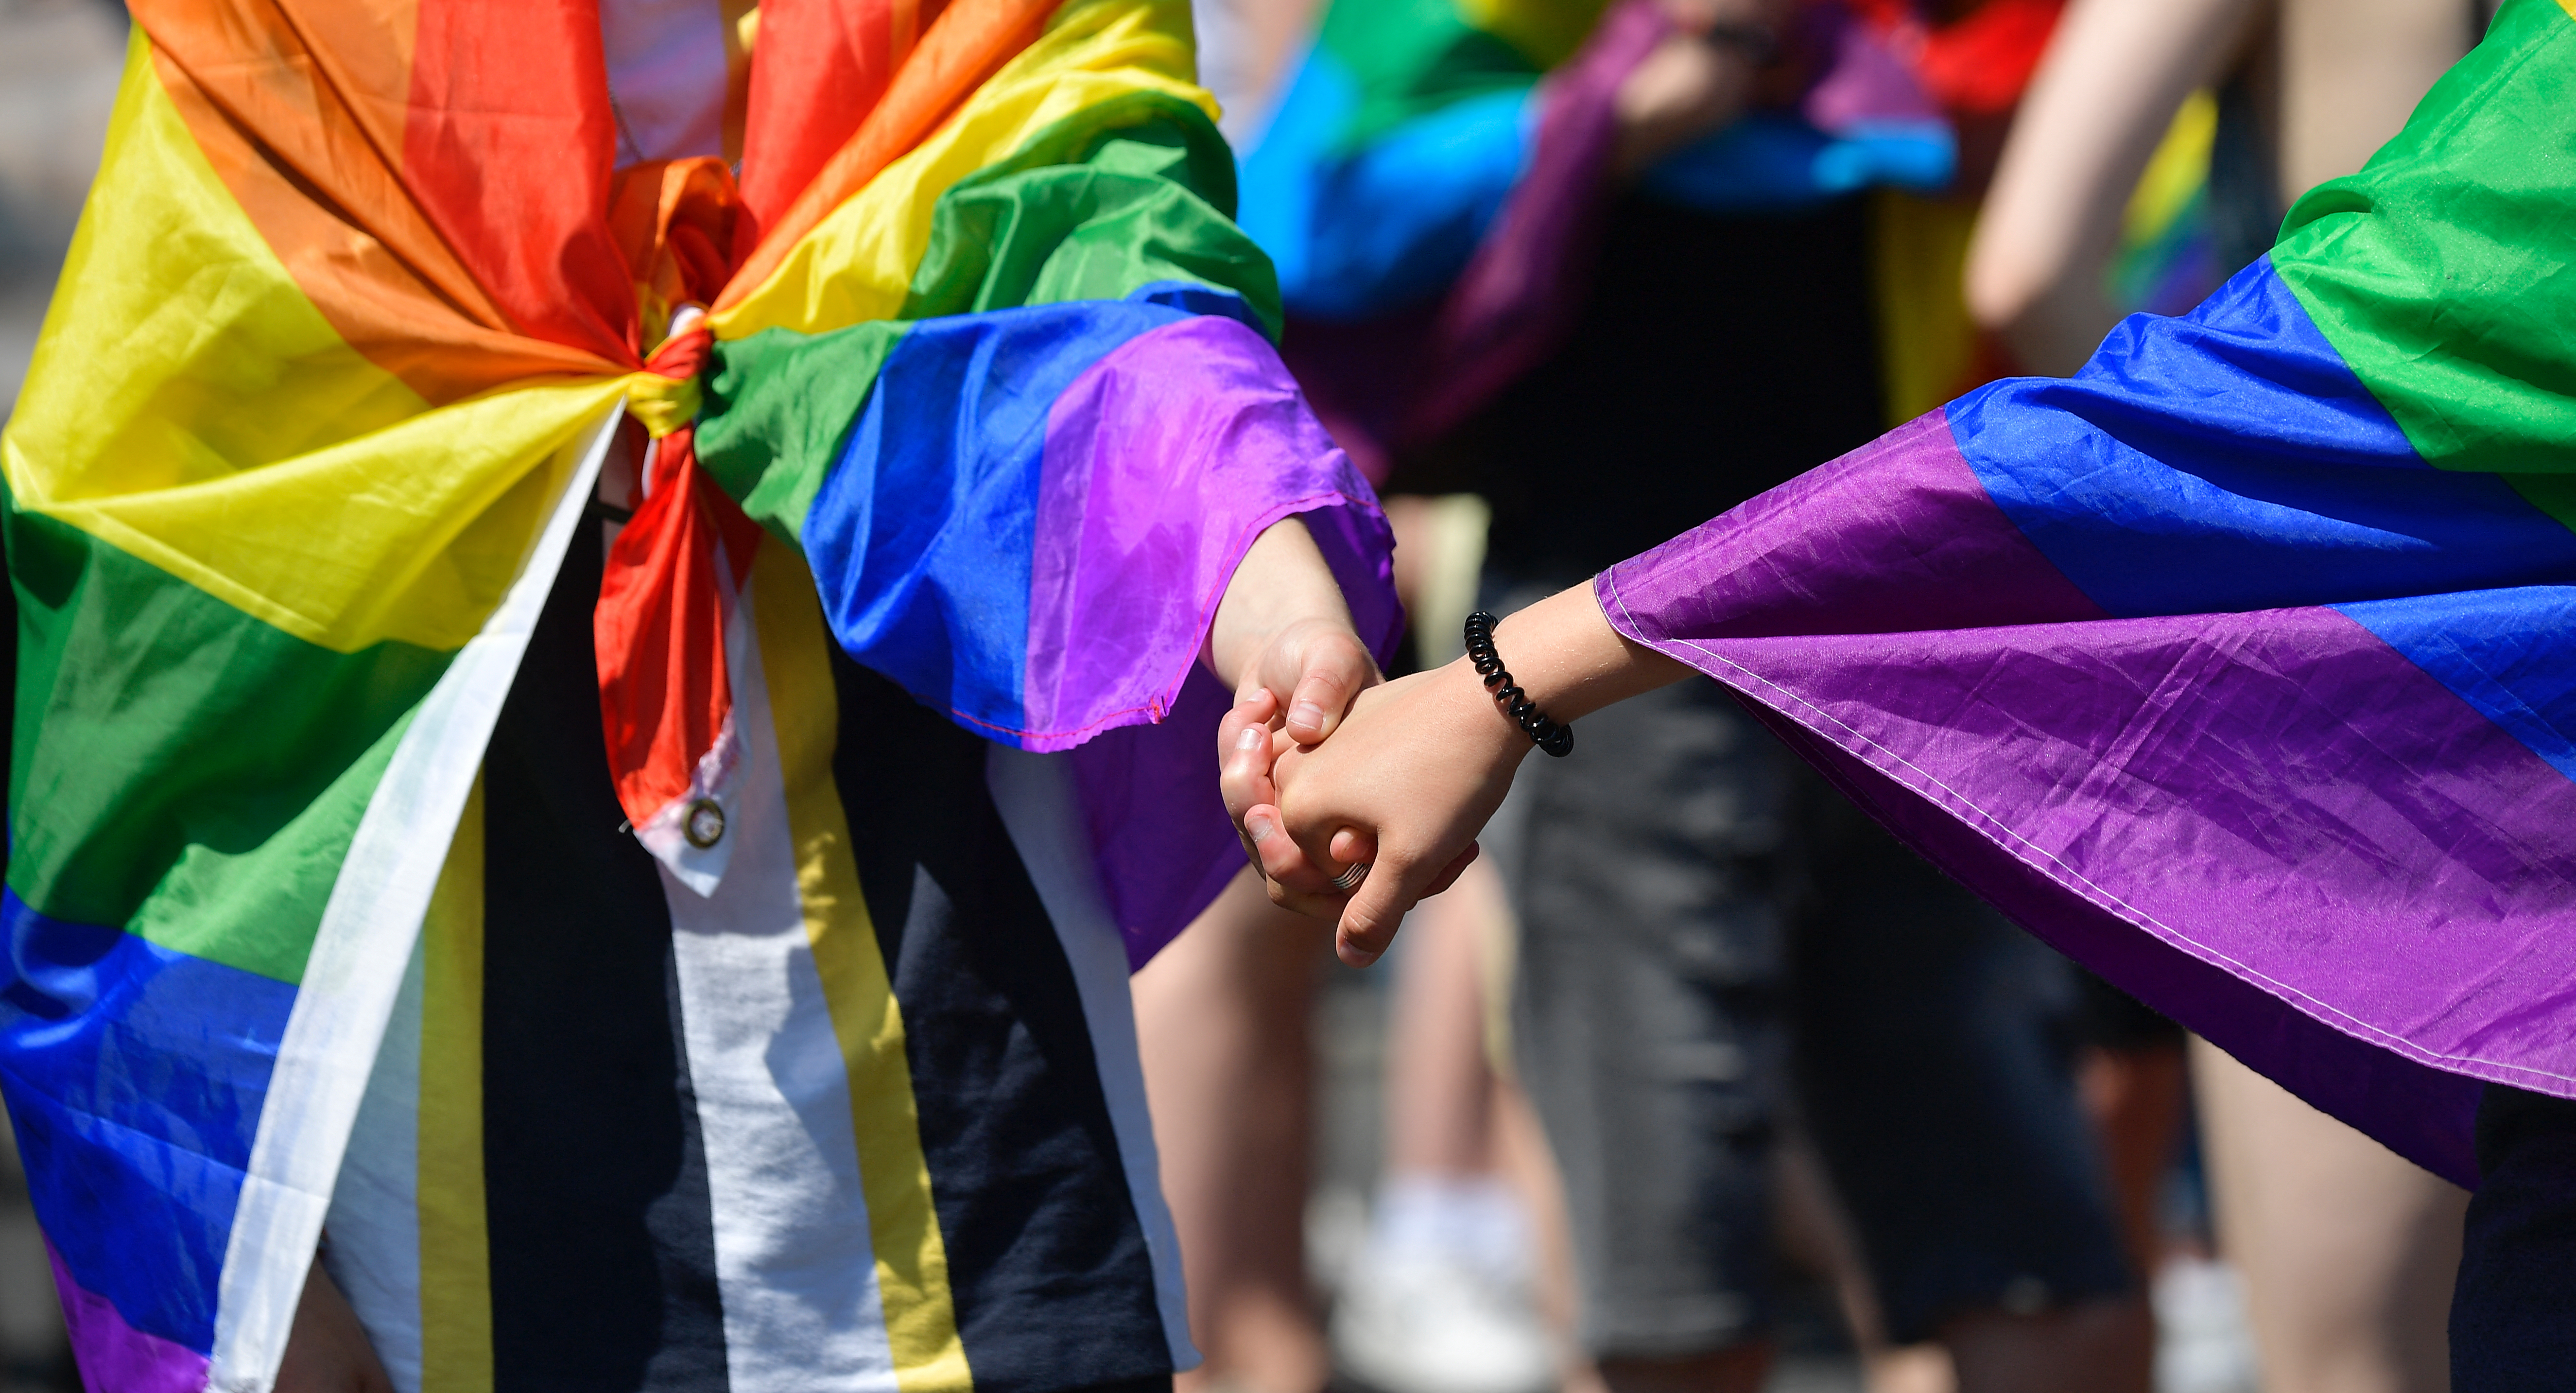 A magyarok 62 százaléka szerint az azonos nemű párok ugyanolyan jól fel tudnak nevelni egy gyereket, mint a hetero szülők